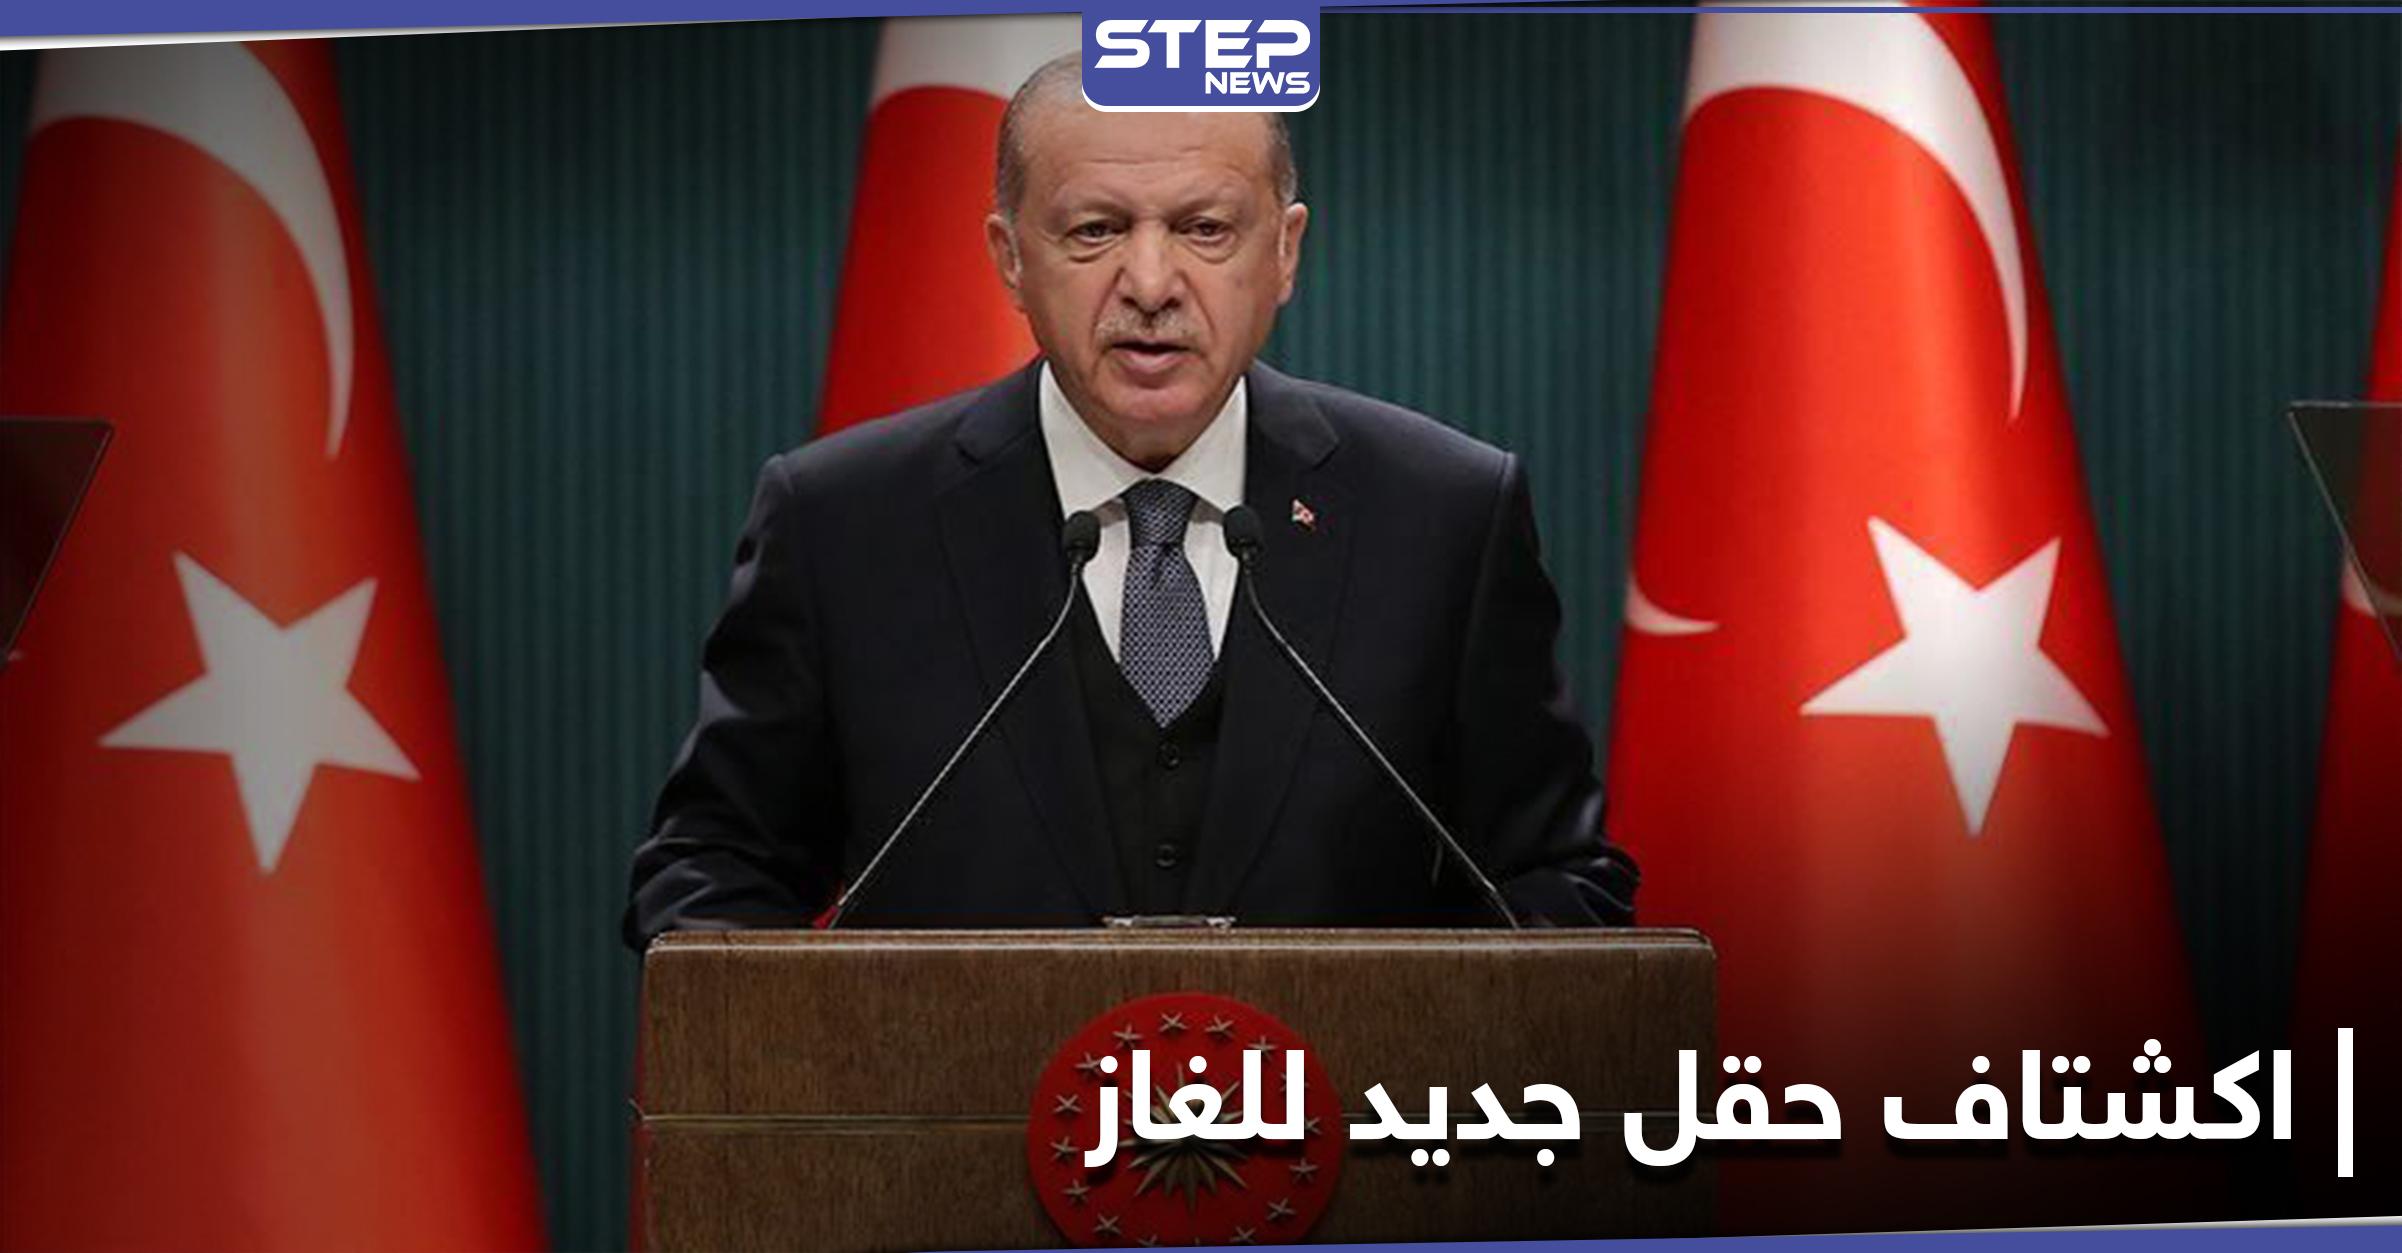 أردوغان: اكتشفنا حقل جديد للغاز الطبيعي في البحر الأسود